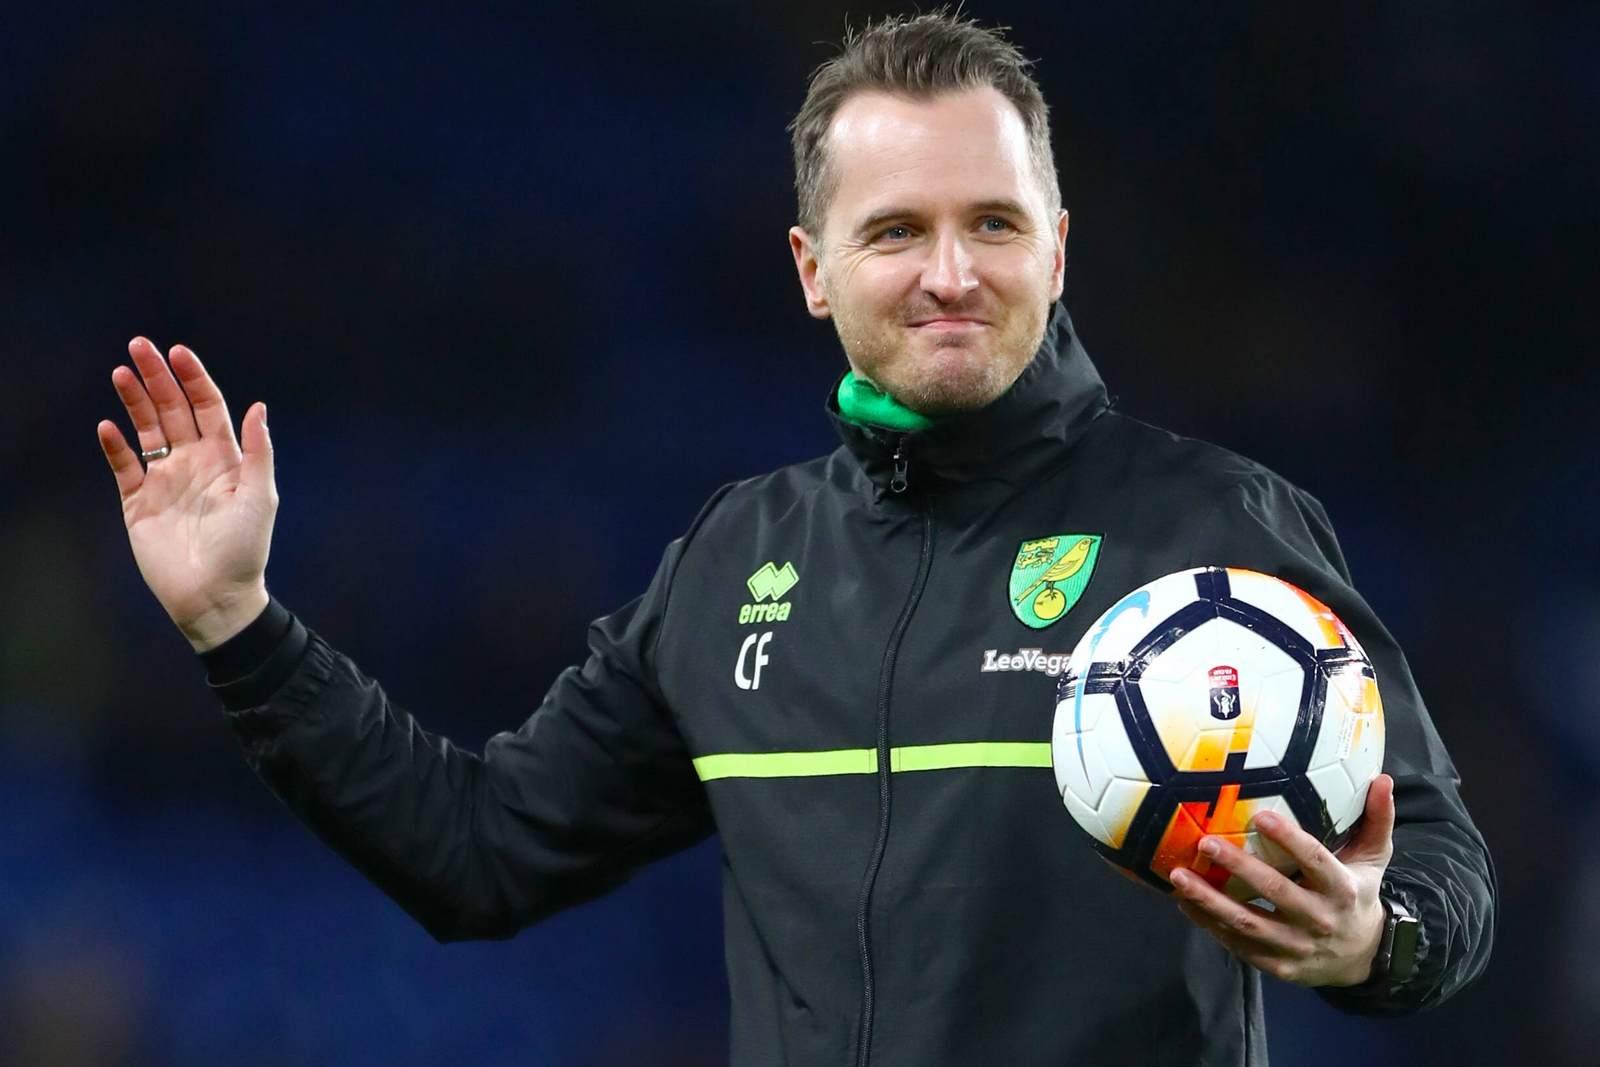 Christian Flüthmann arbeitet für Norwich City